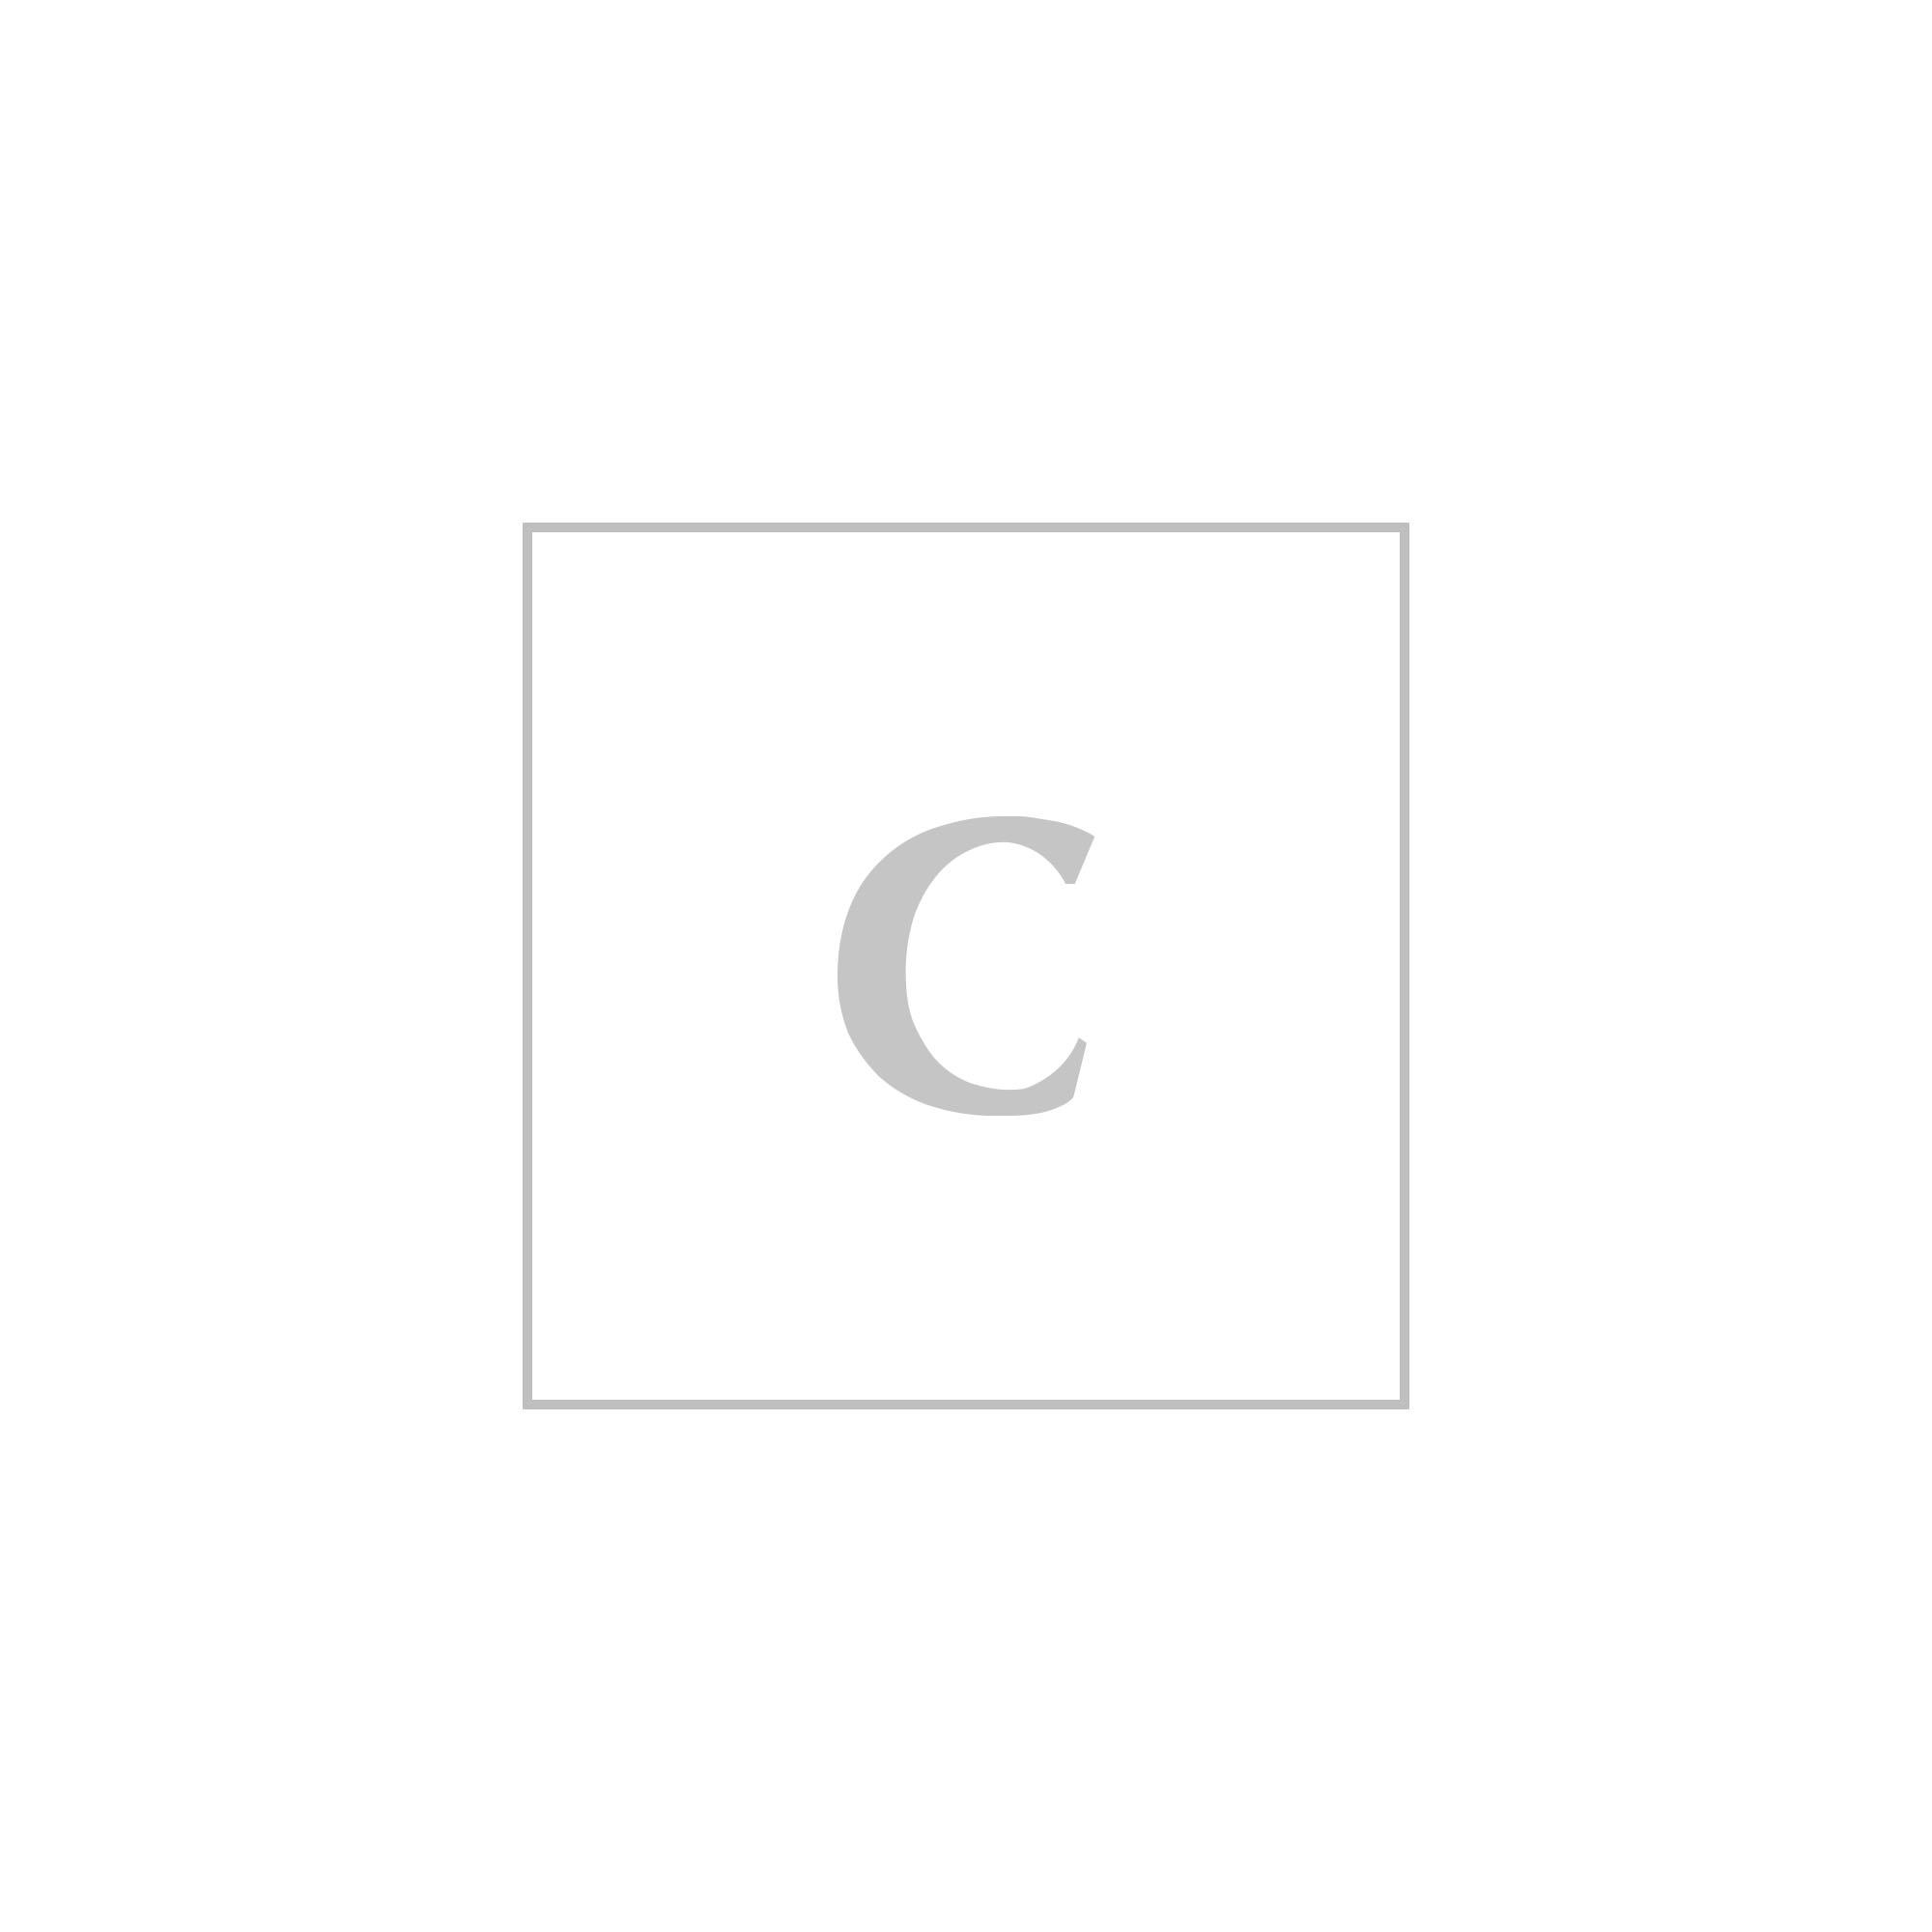 Saint laurent mini pochette monogram